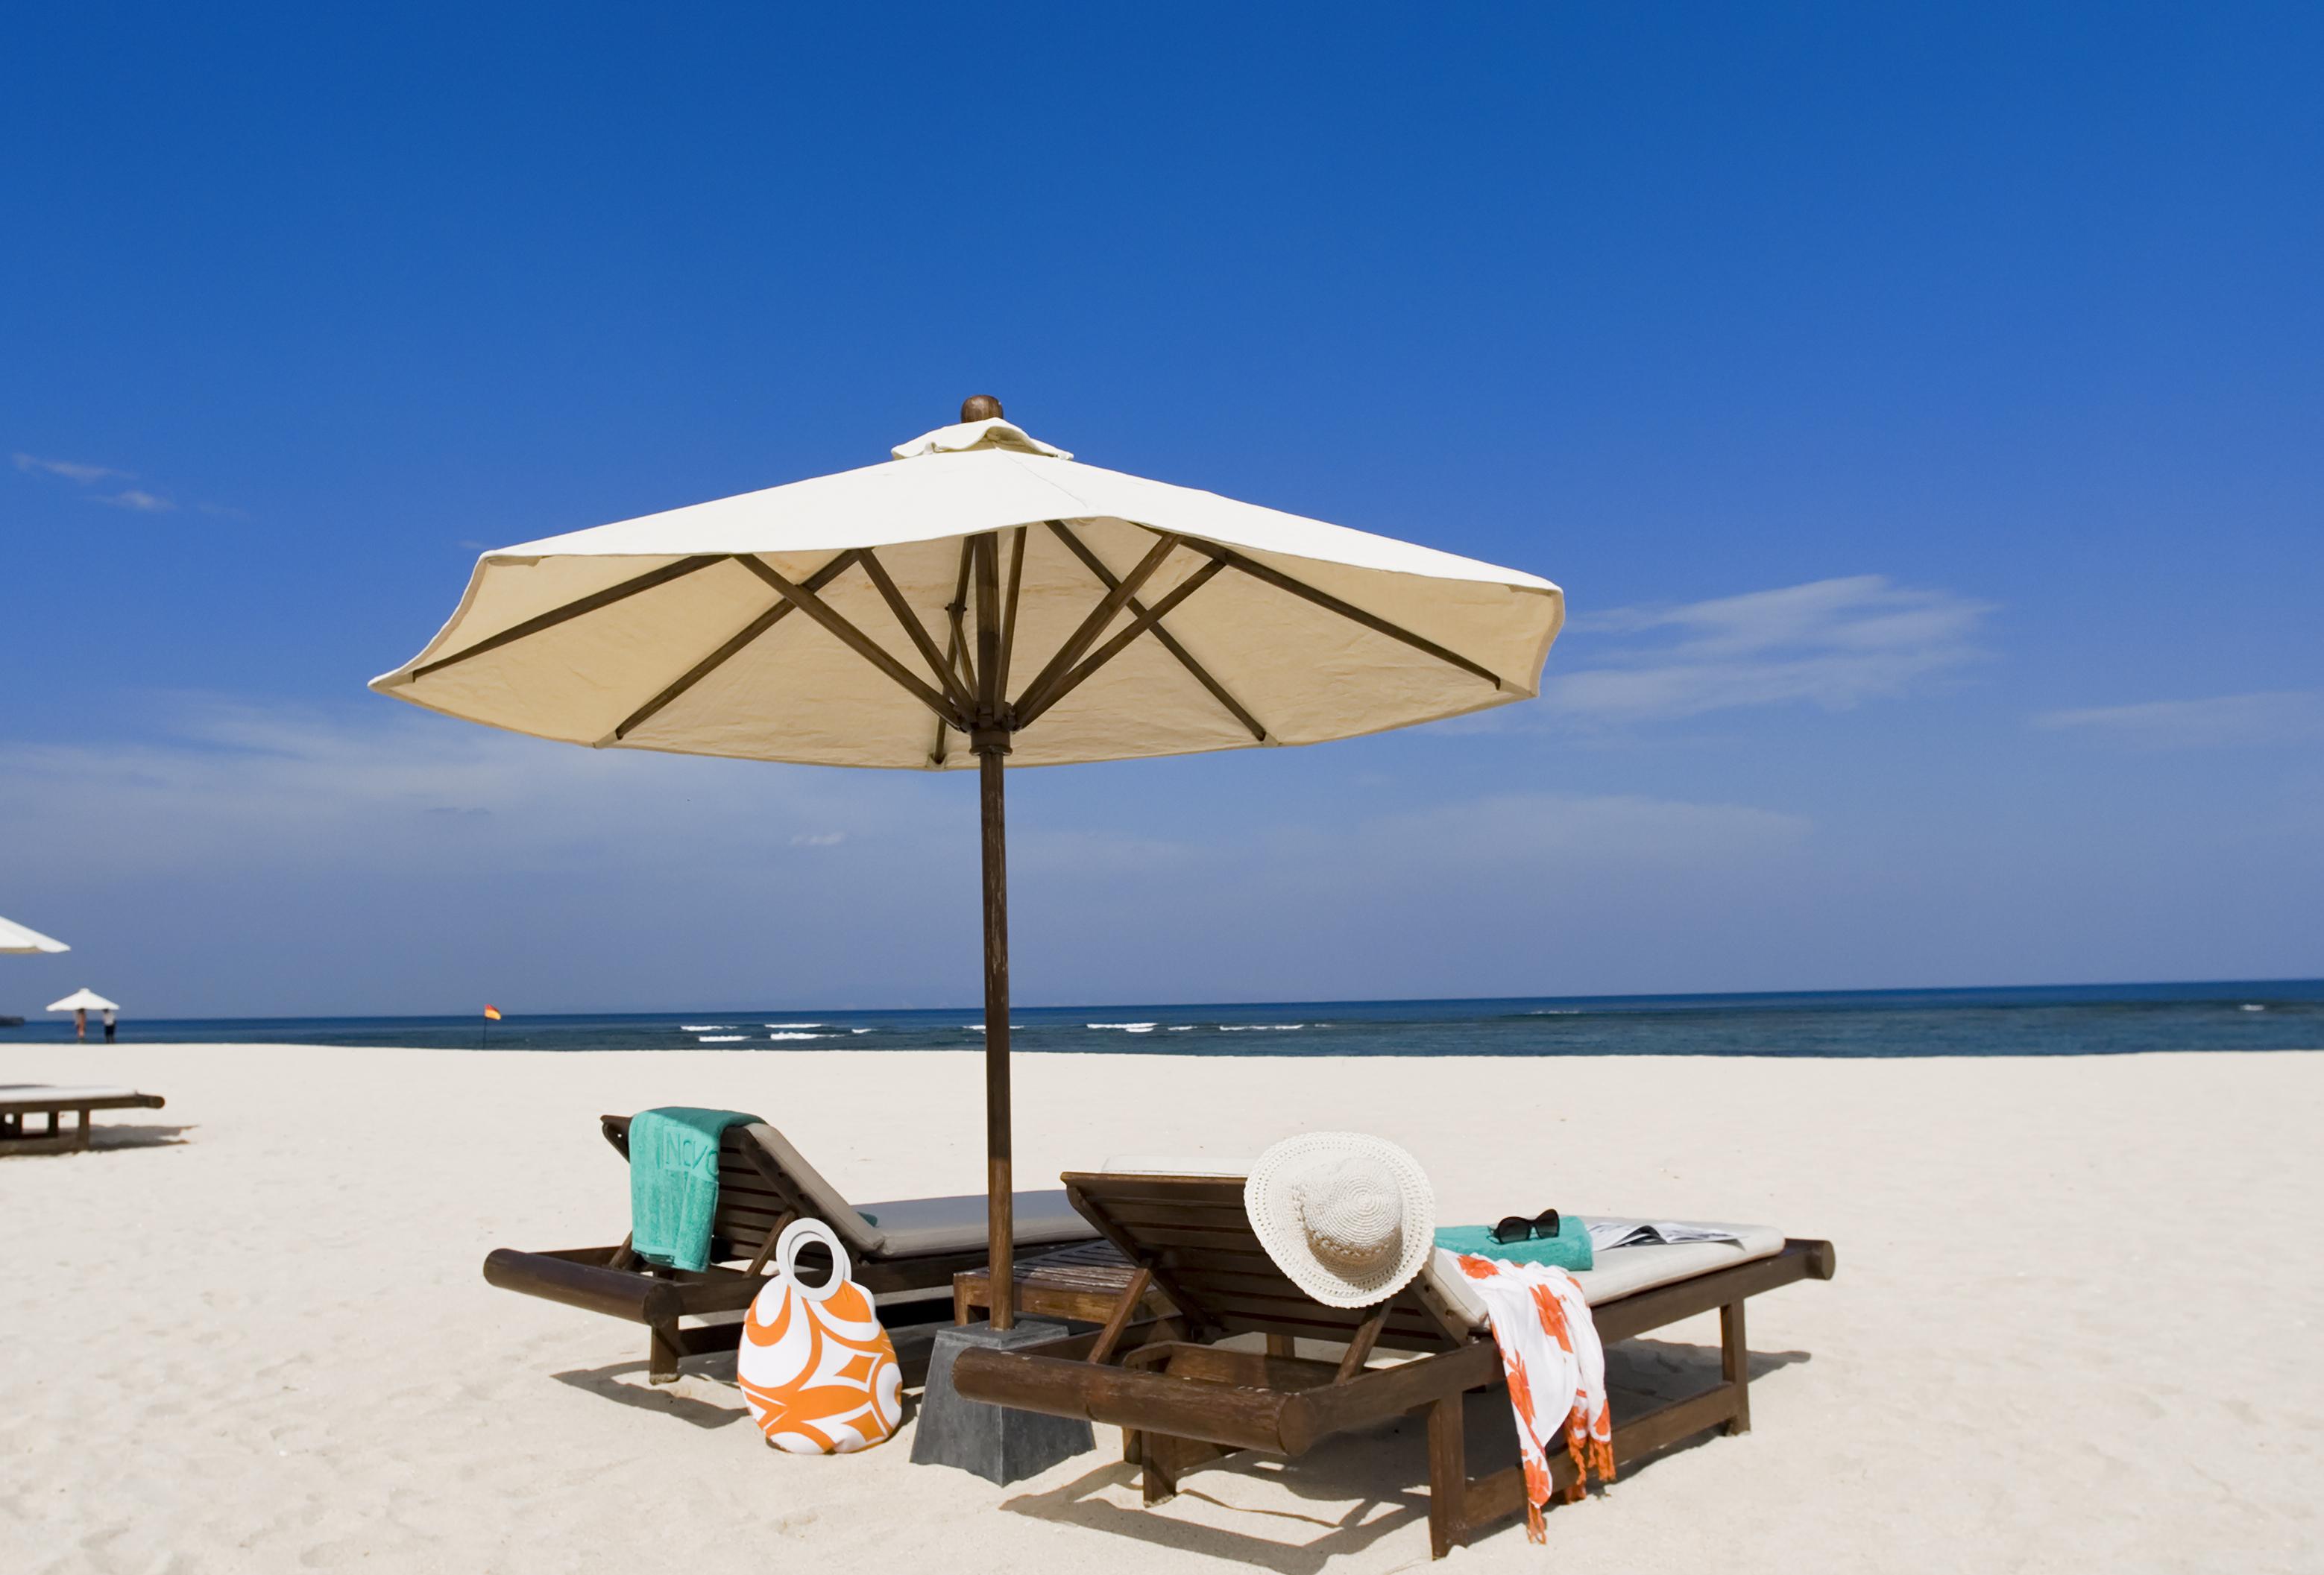 фото на отдыхающих на пляже